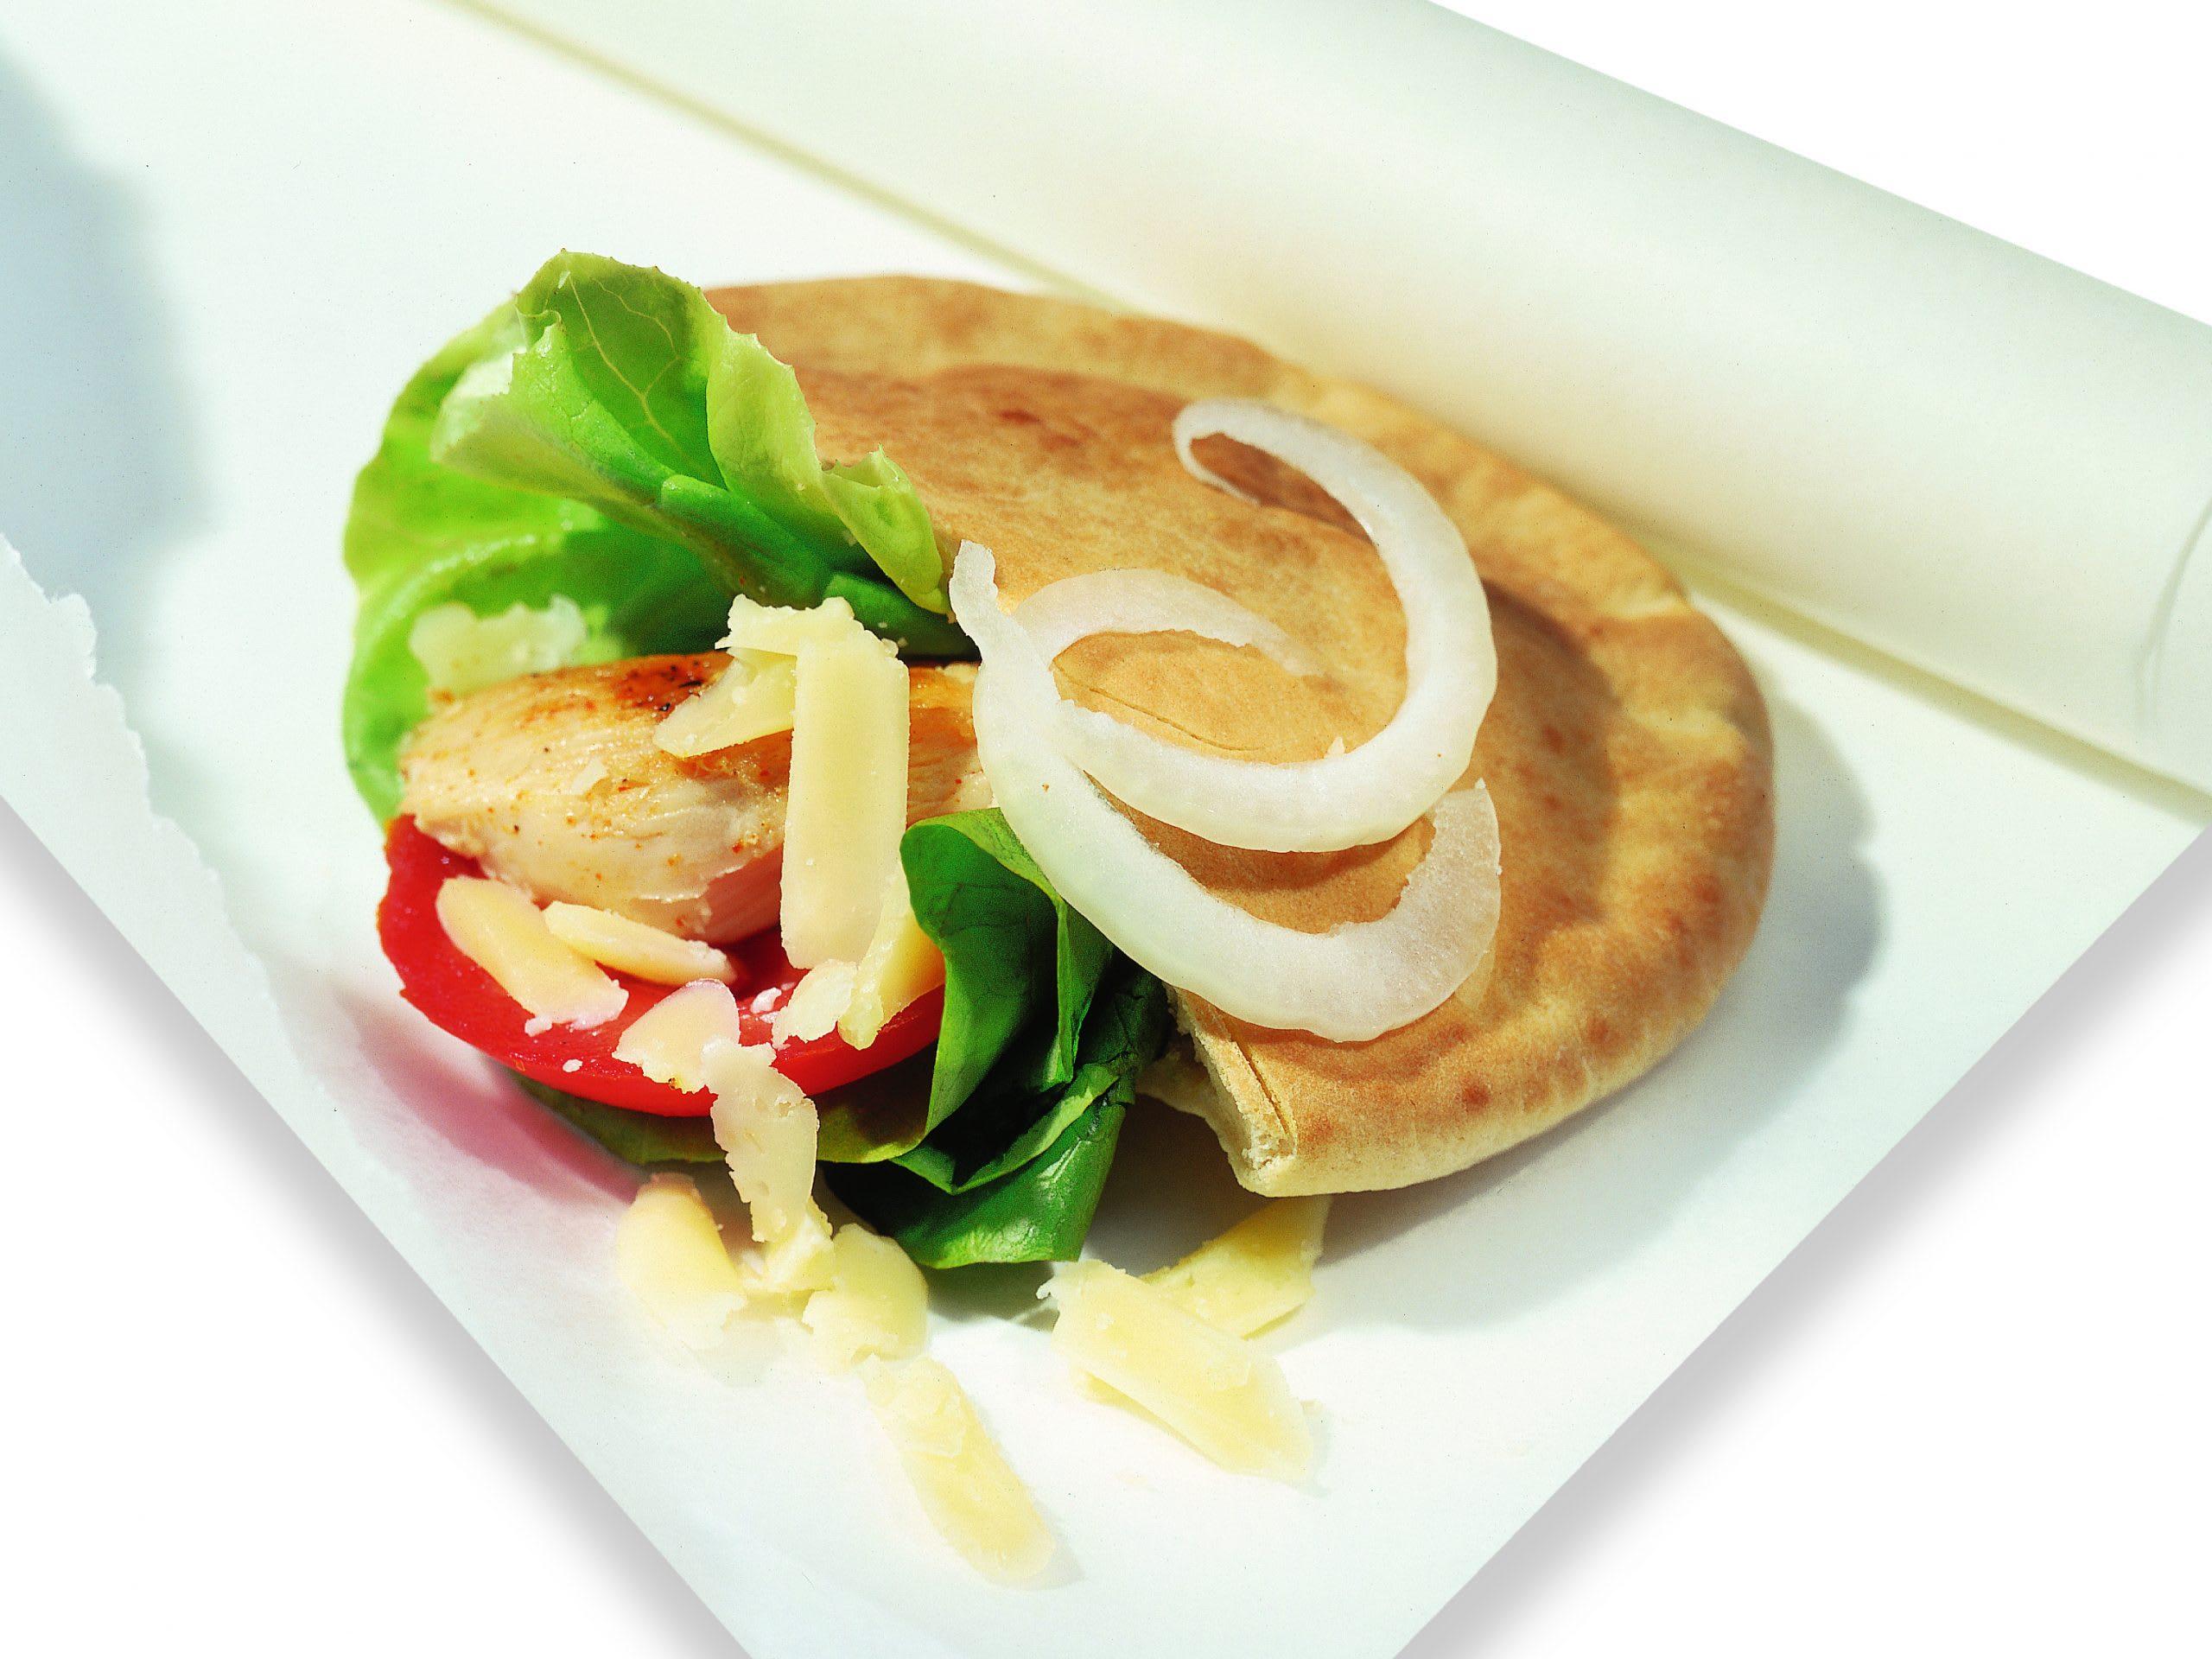 Sandwich au poulet et fromage raclette